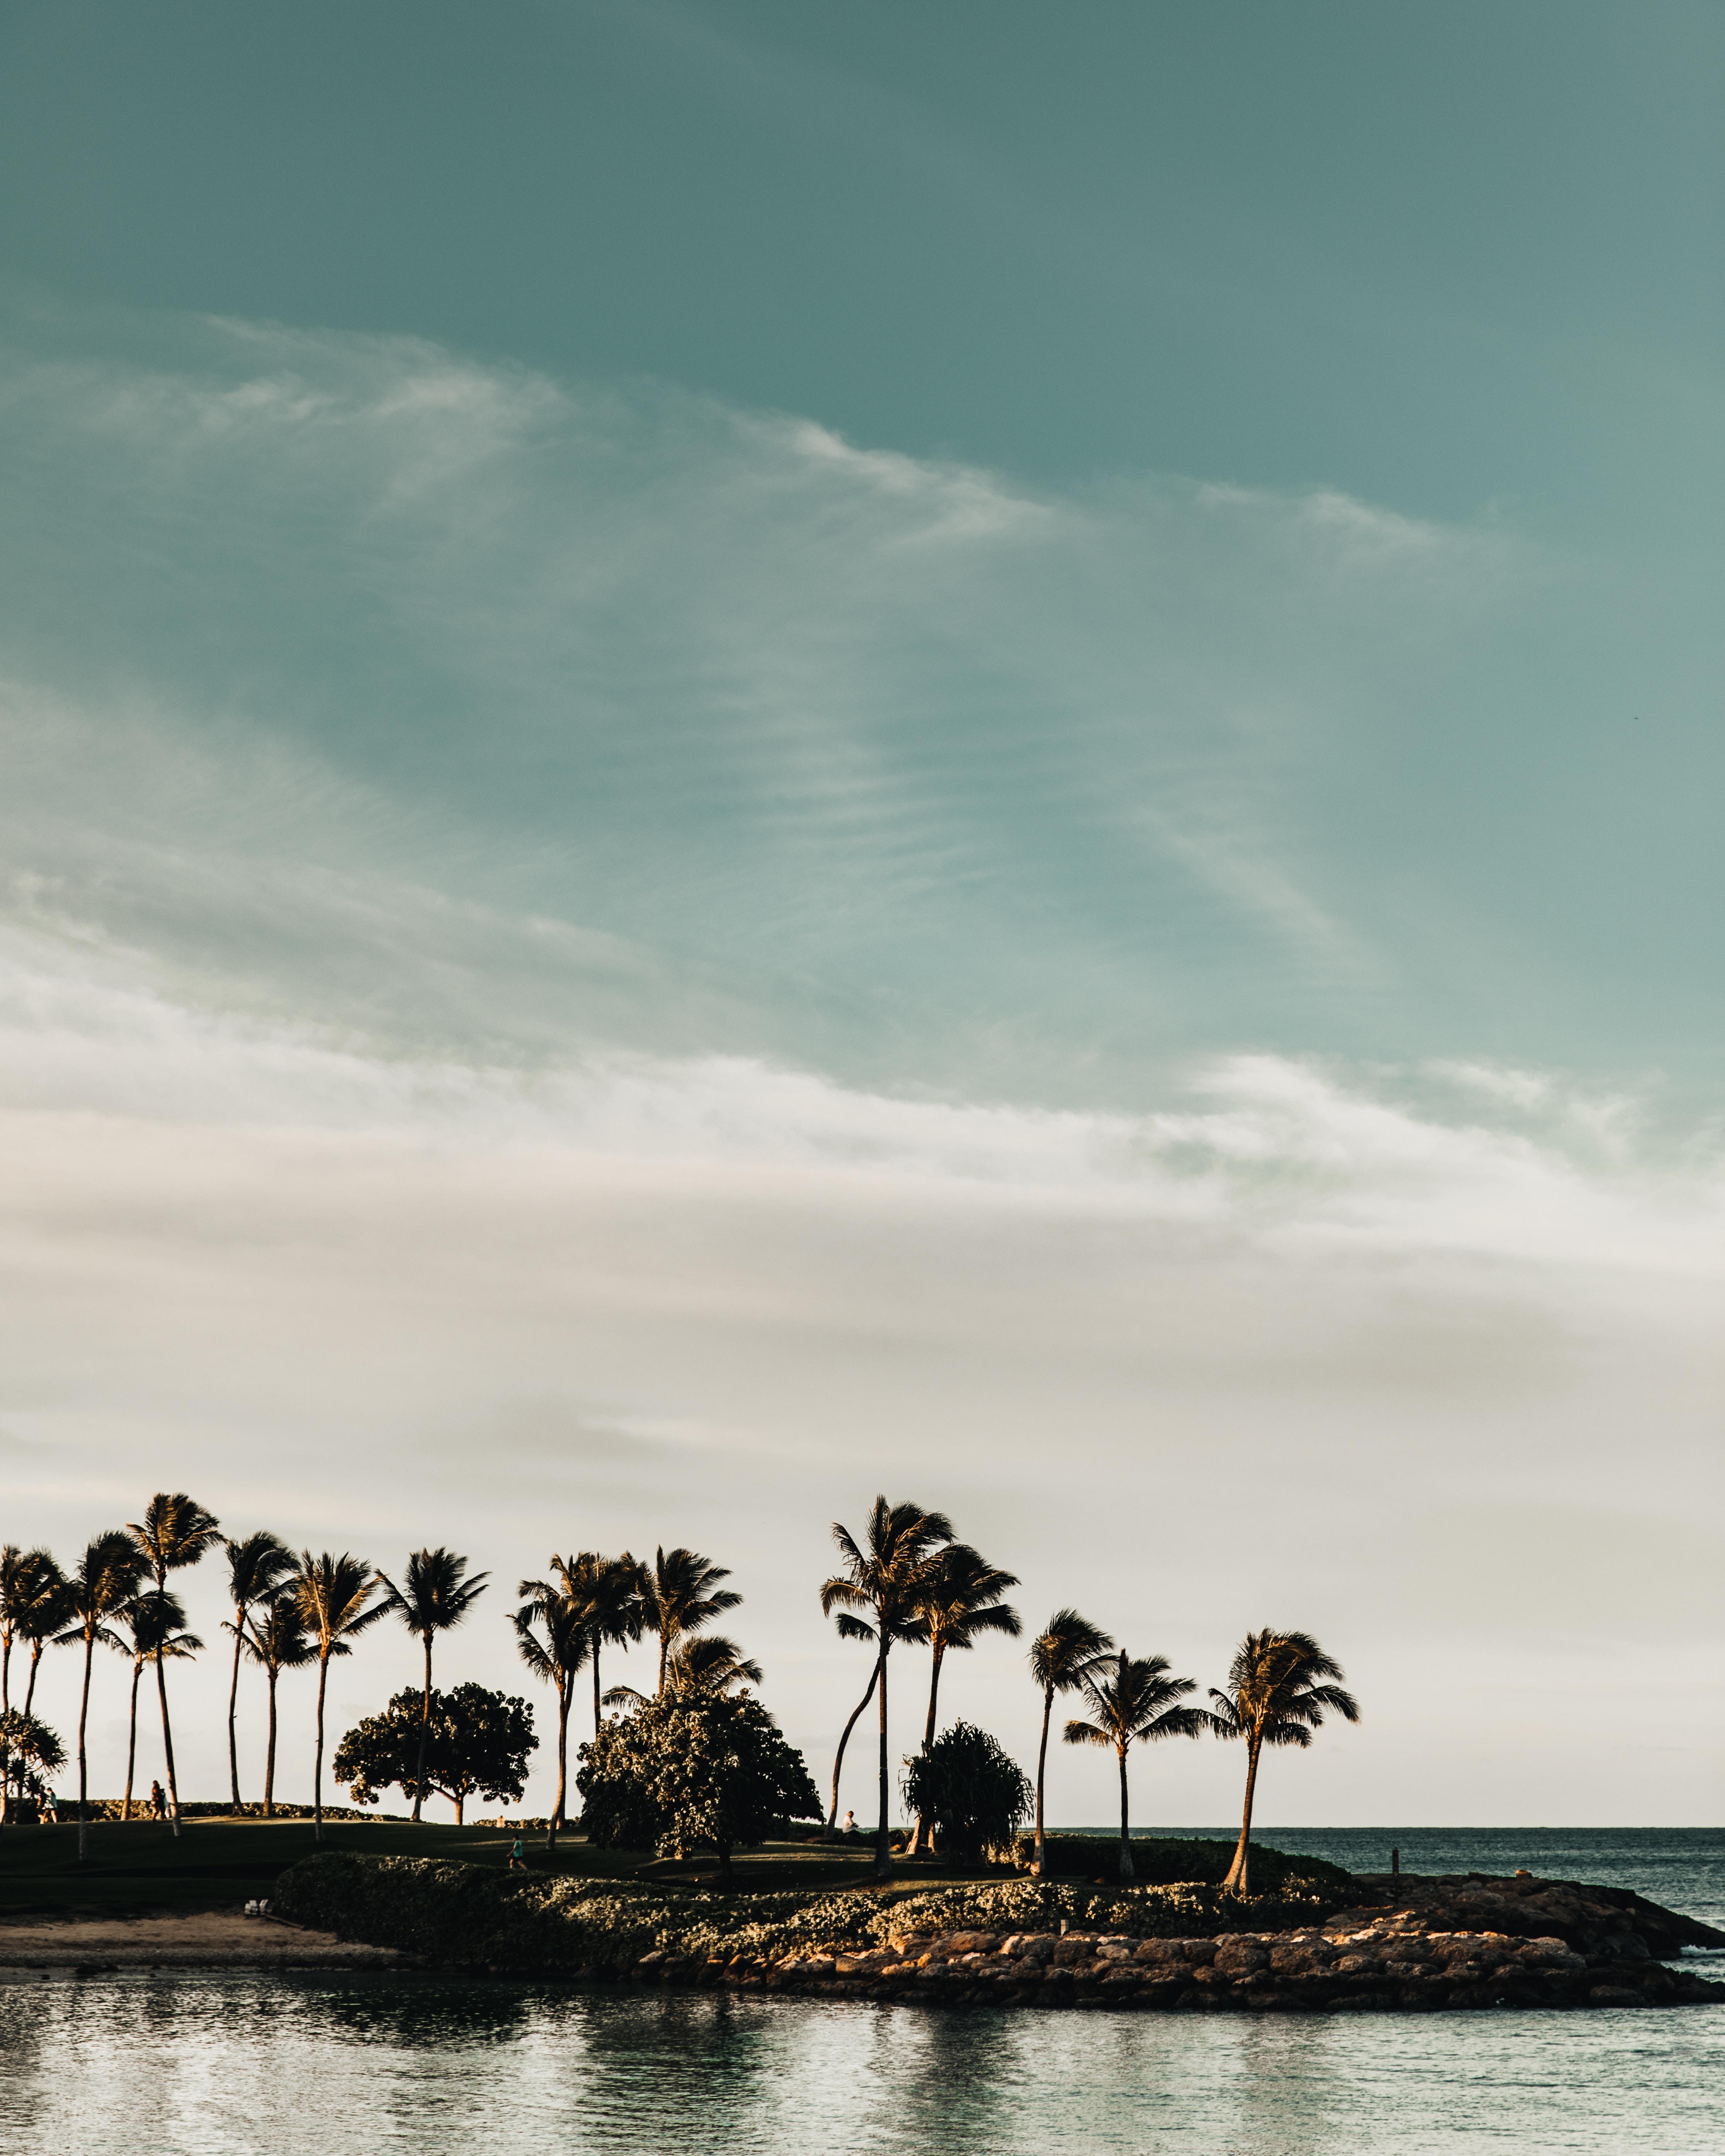 69374壁紙のダウンロード自然, 海岸, 海, 木, 風景, パームス-スクリーンセーバーと写真を無料で